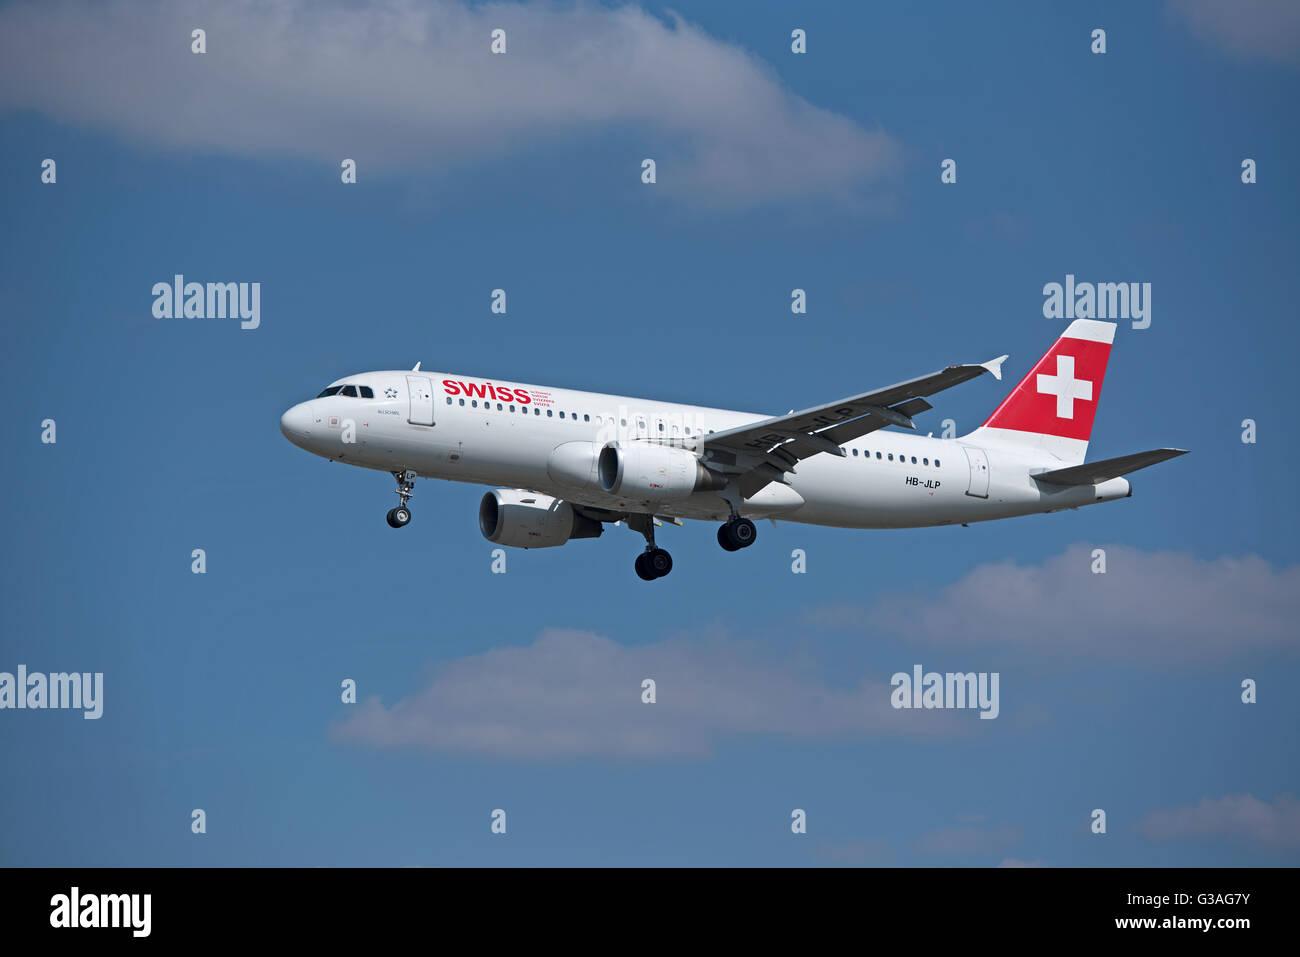 Arriving at Heathrow Swiss Air Airbus 320-214 (Allschweil) HB-JLP. SCO 10,407 Stock Photo